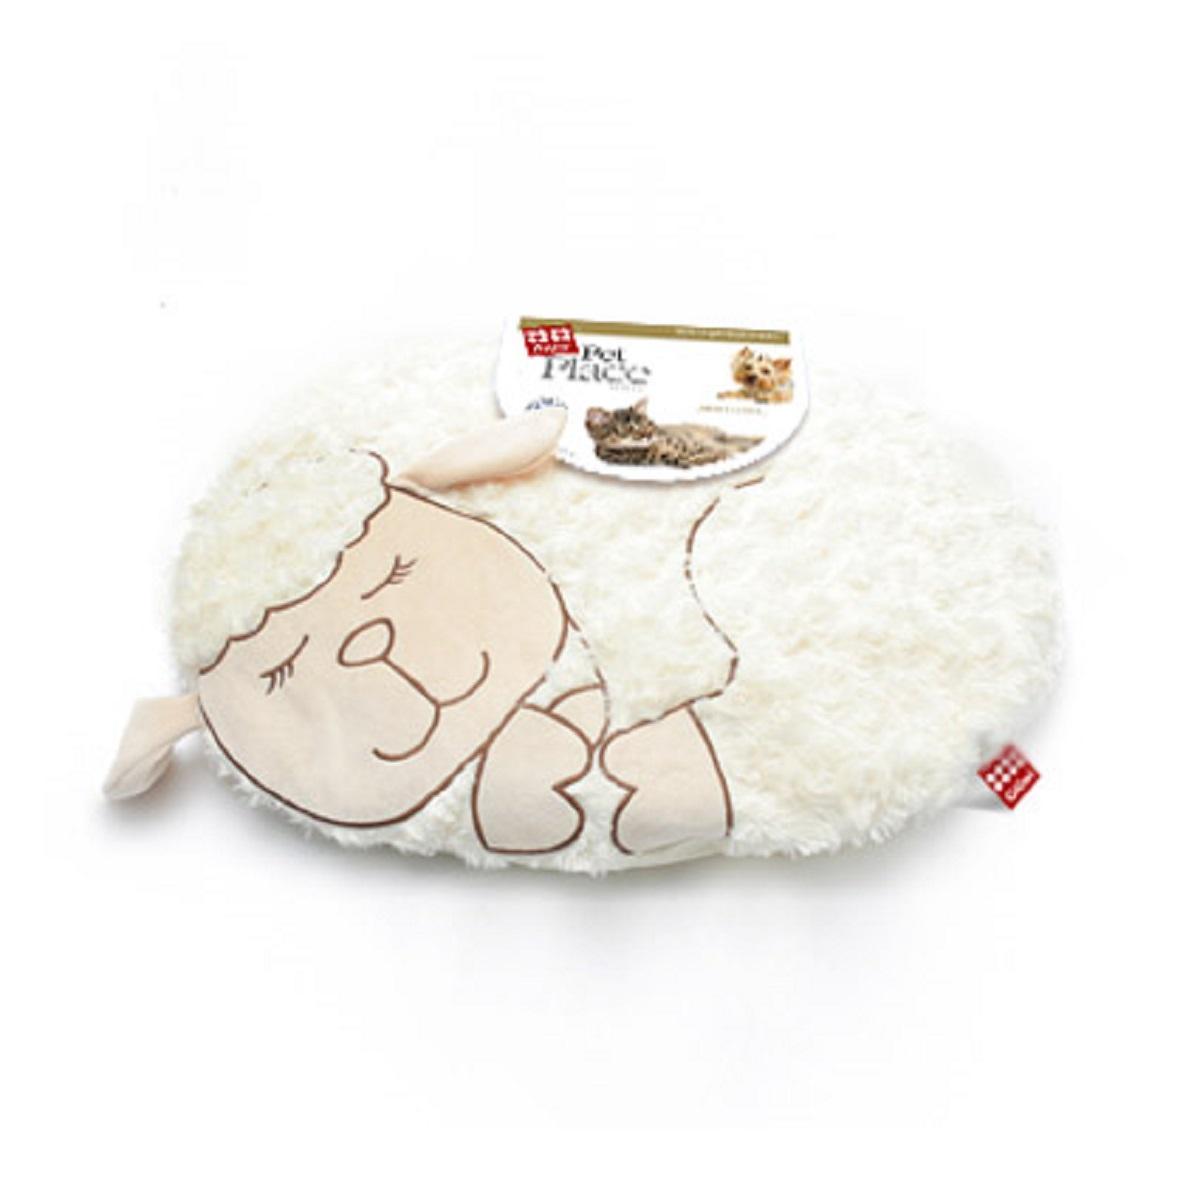 Лежанка с дизайном GiGwi Овечка 57 см75114GiGwi Лежанка с дизайном Овечка 57 см Лежанка для небольших собак и кошек. Наполнитель полиэстер. Машинная стирка.